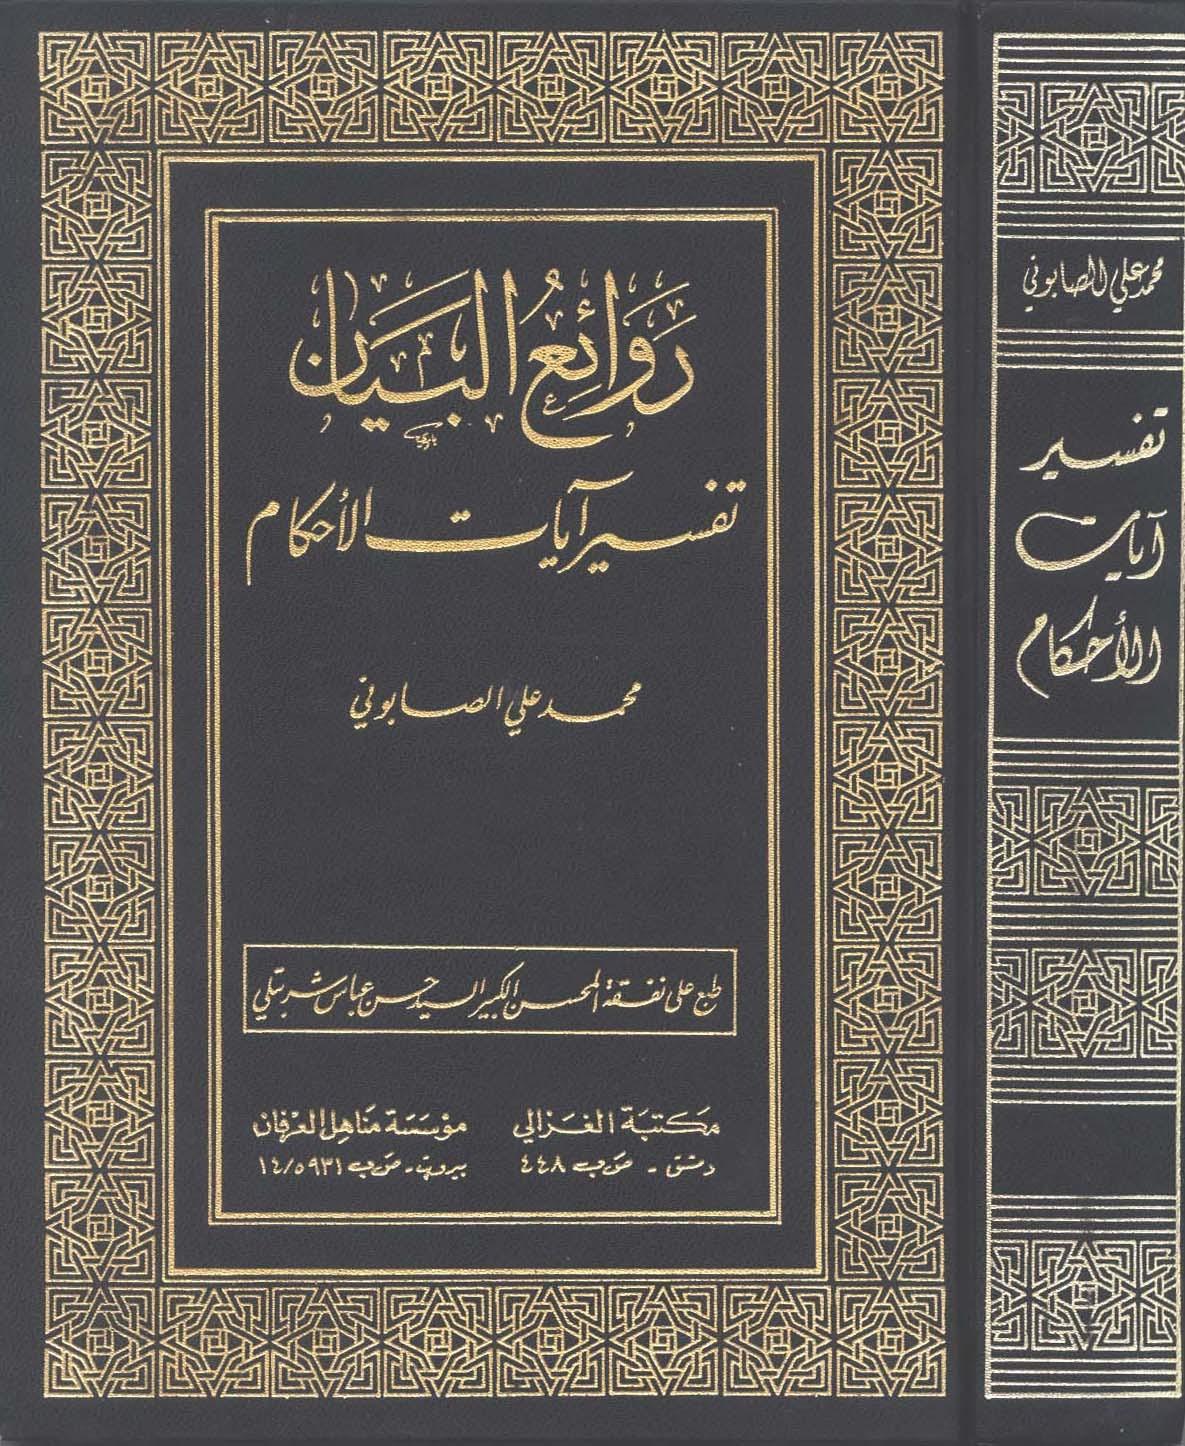 روائع البيان تفسير آيات الأحكام - محمد علي الصابوني